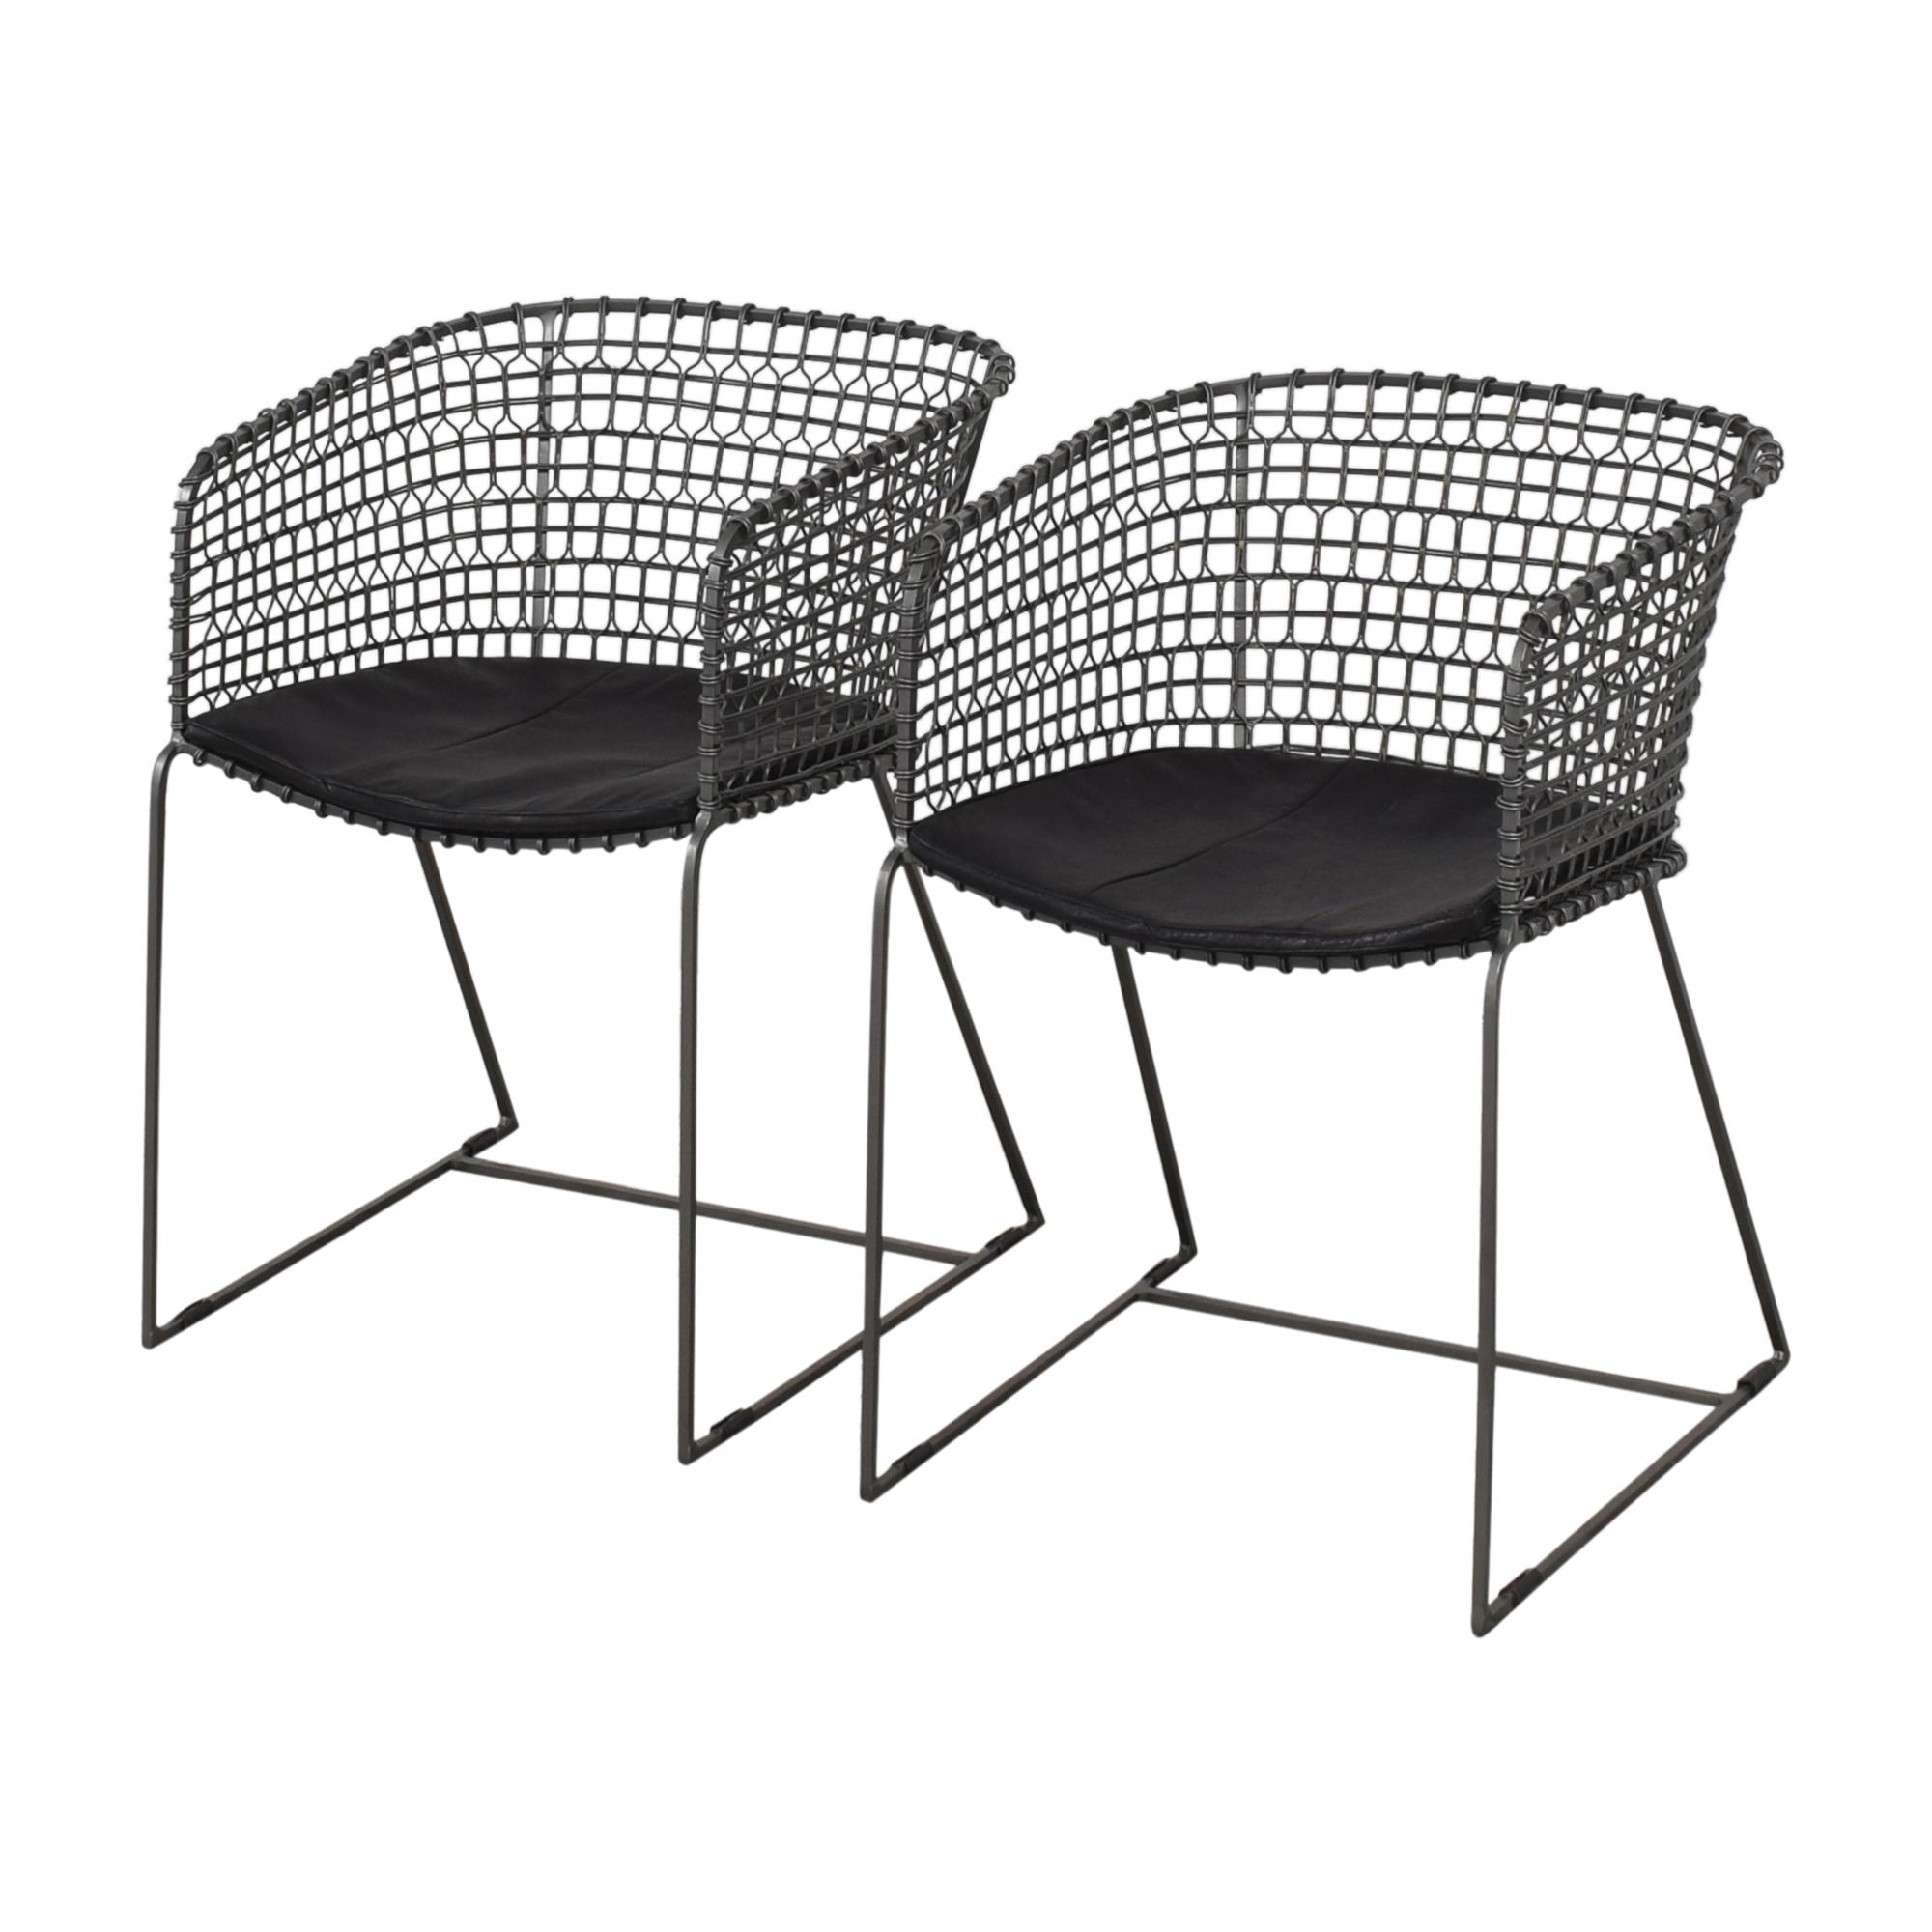 Crate & Barrel Crate & Barrel Tig Barrel Dining Chairs ct